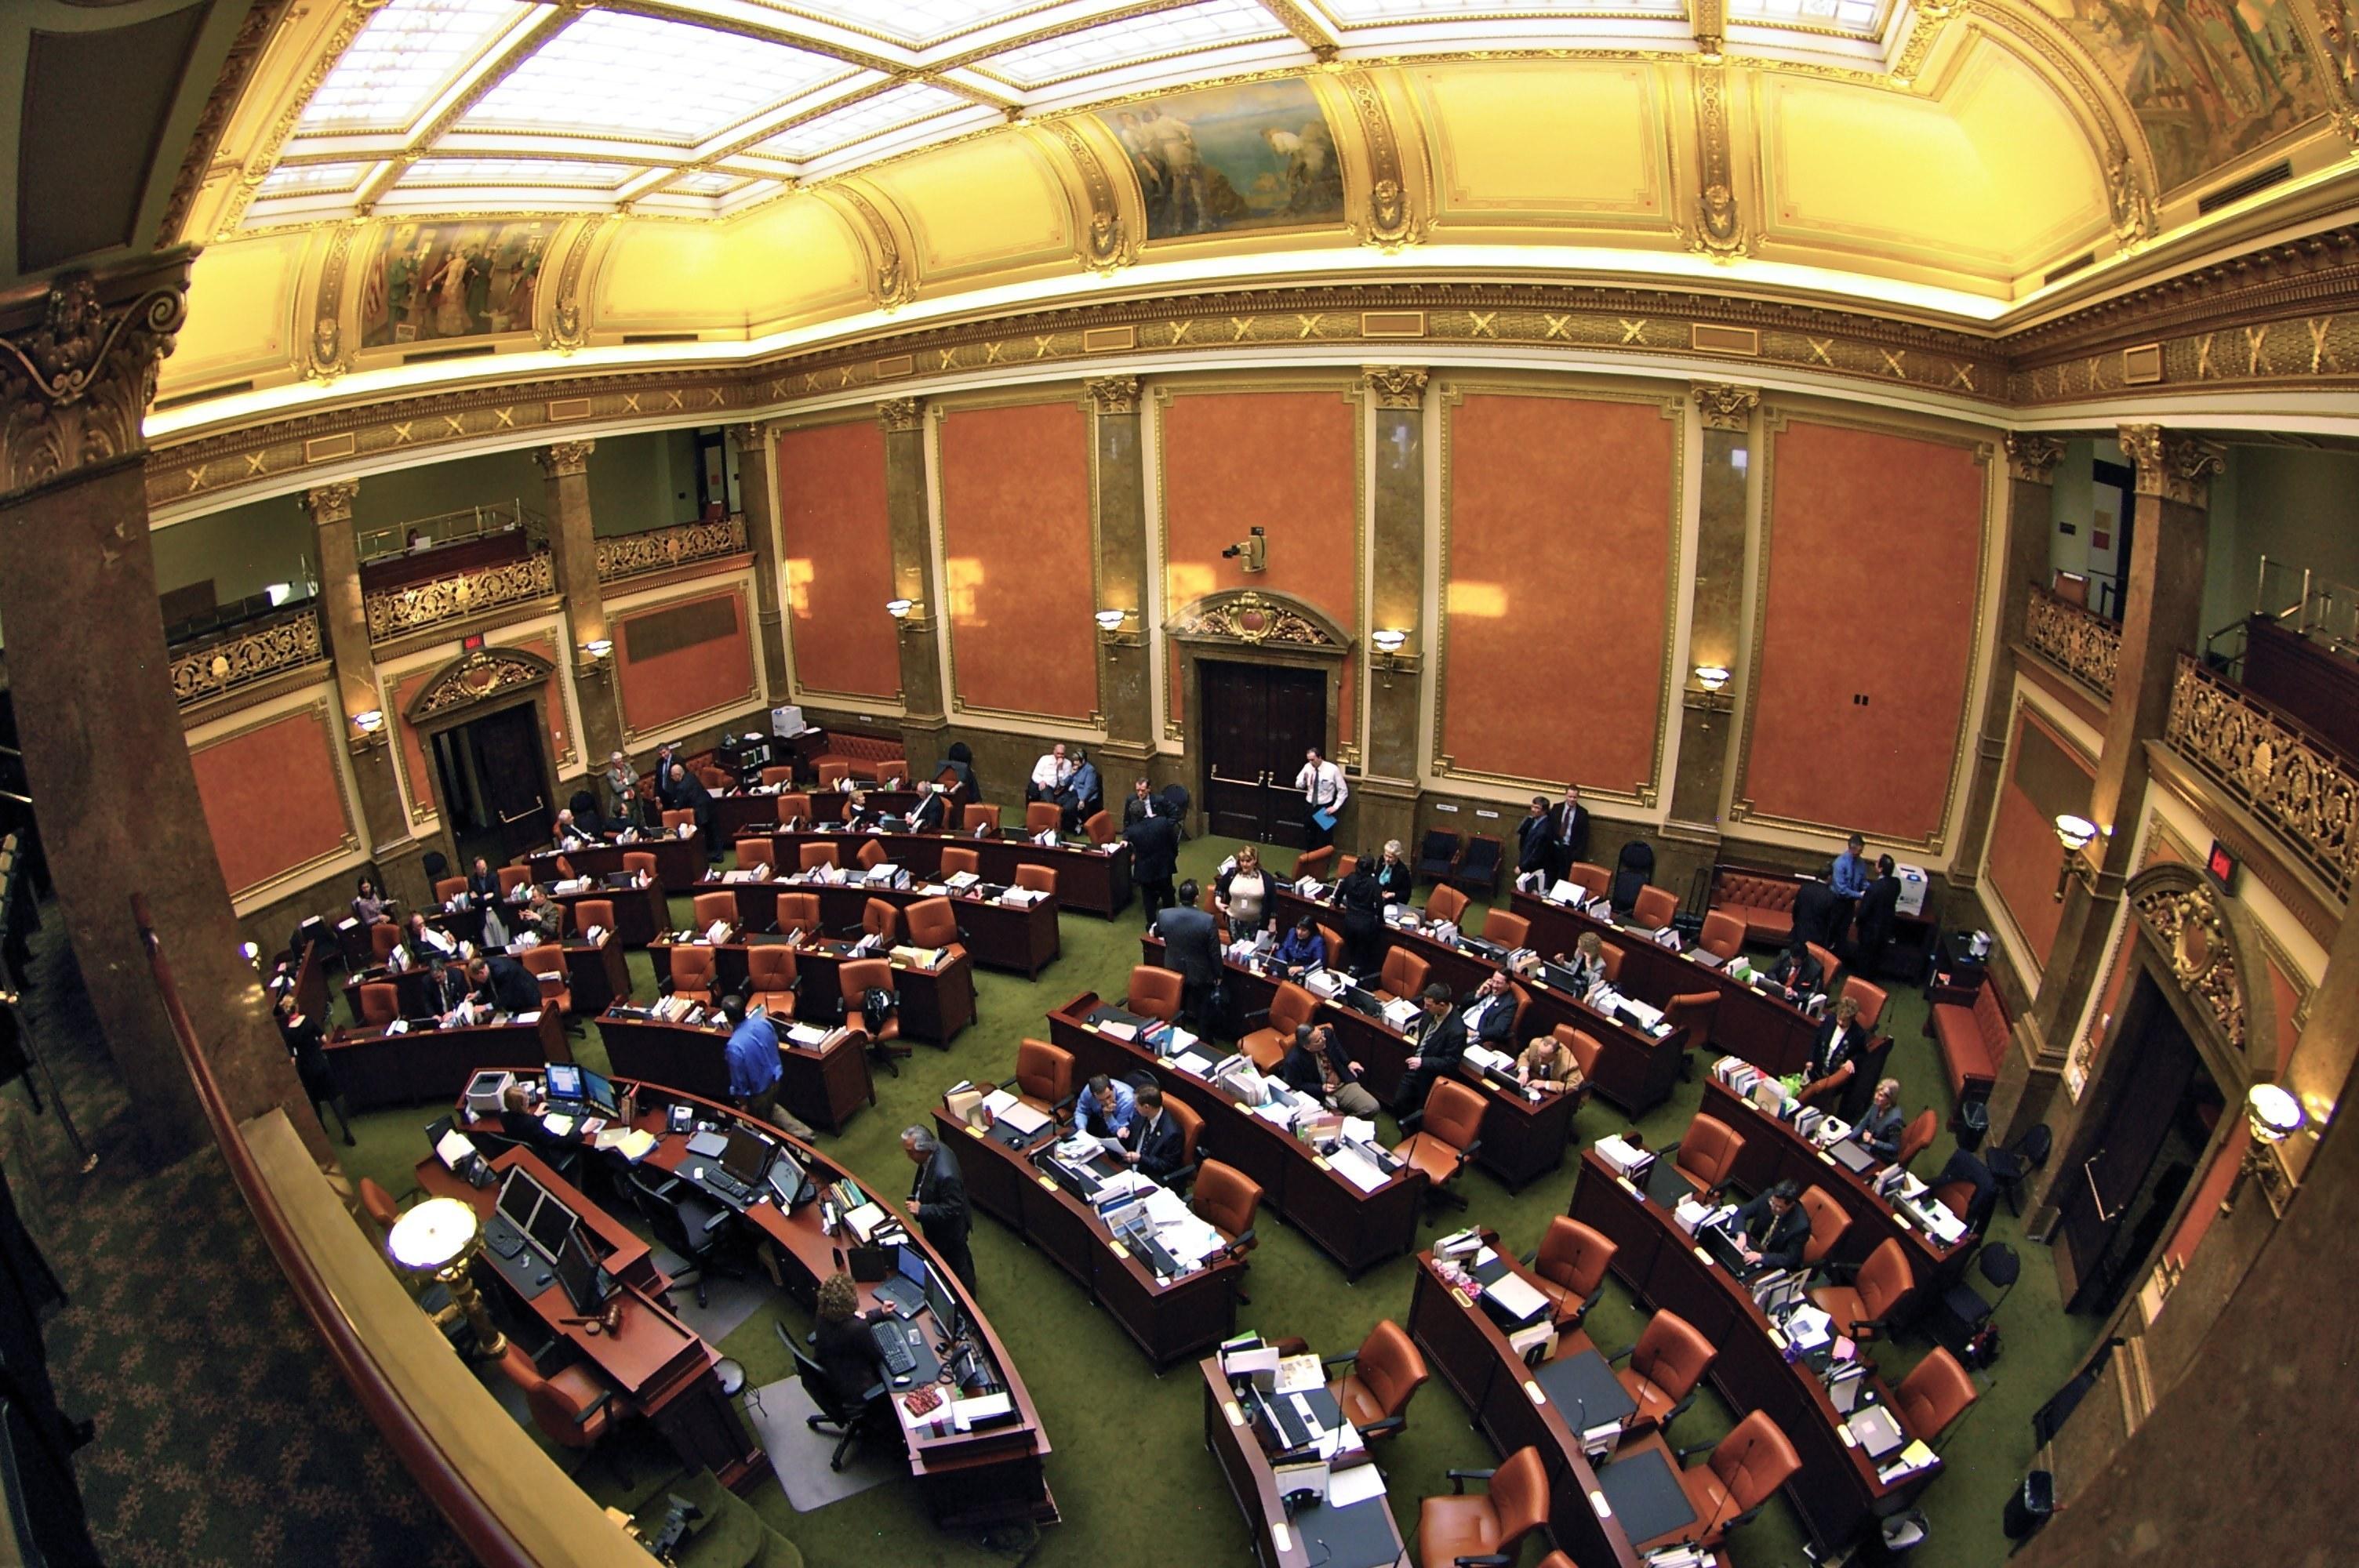 Inside Utah State Capitol